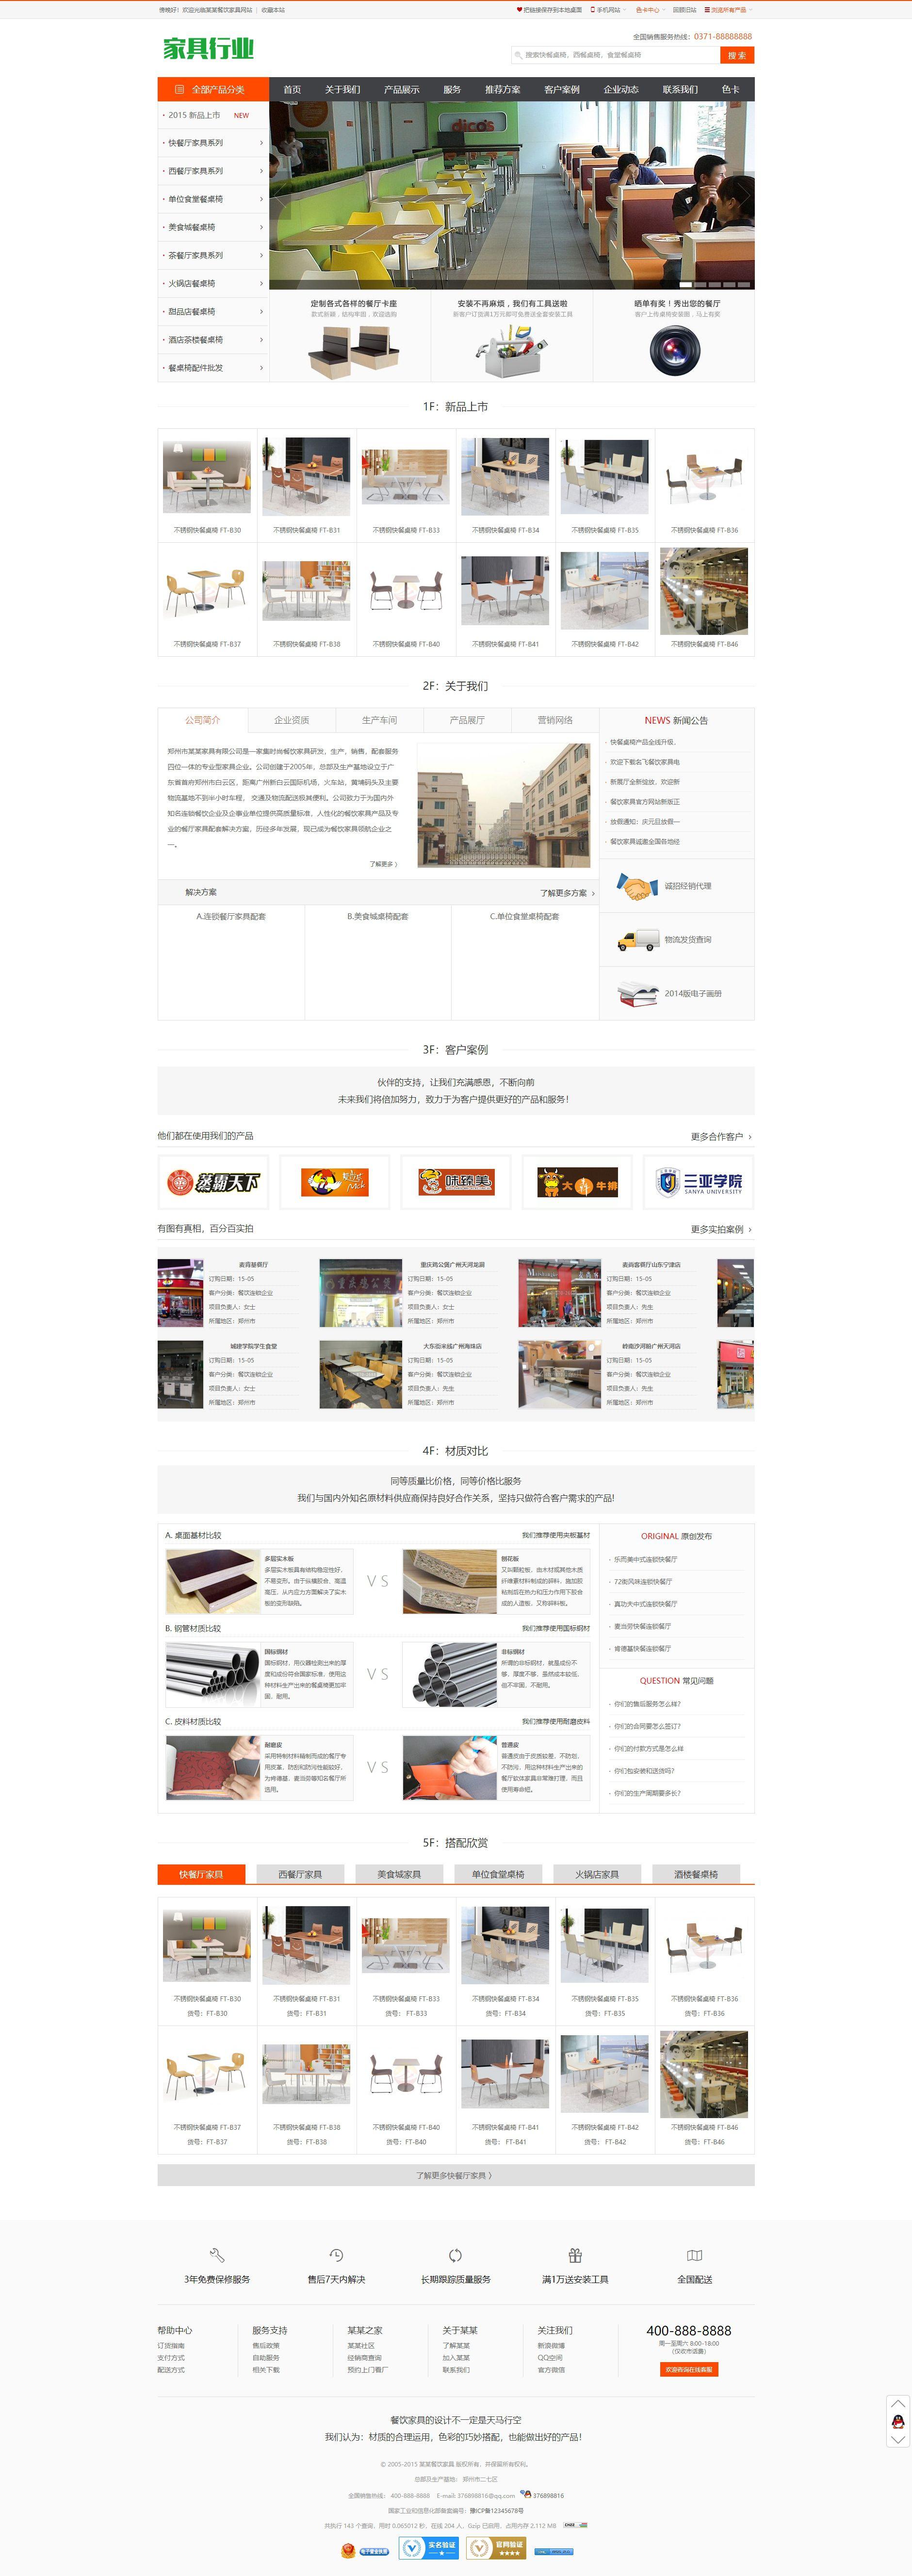 大气家具行业商城类公司网站织梦dedecms模板